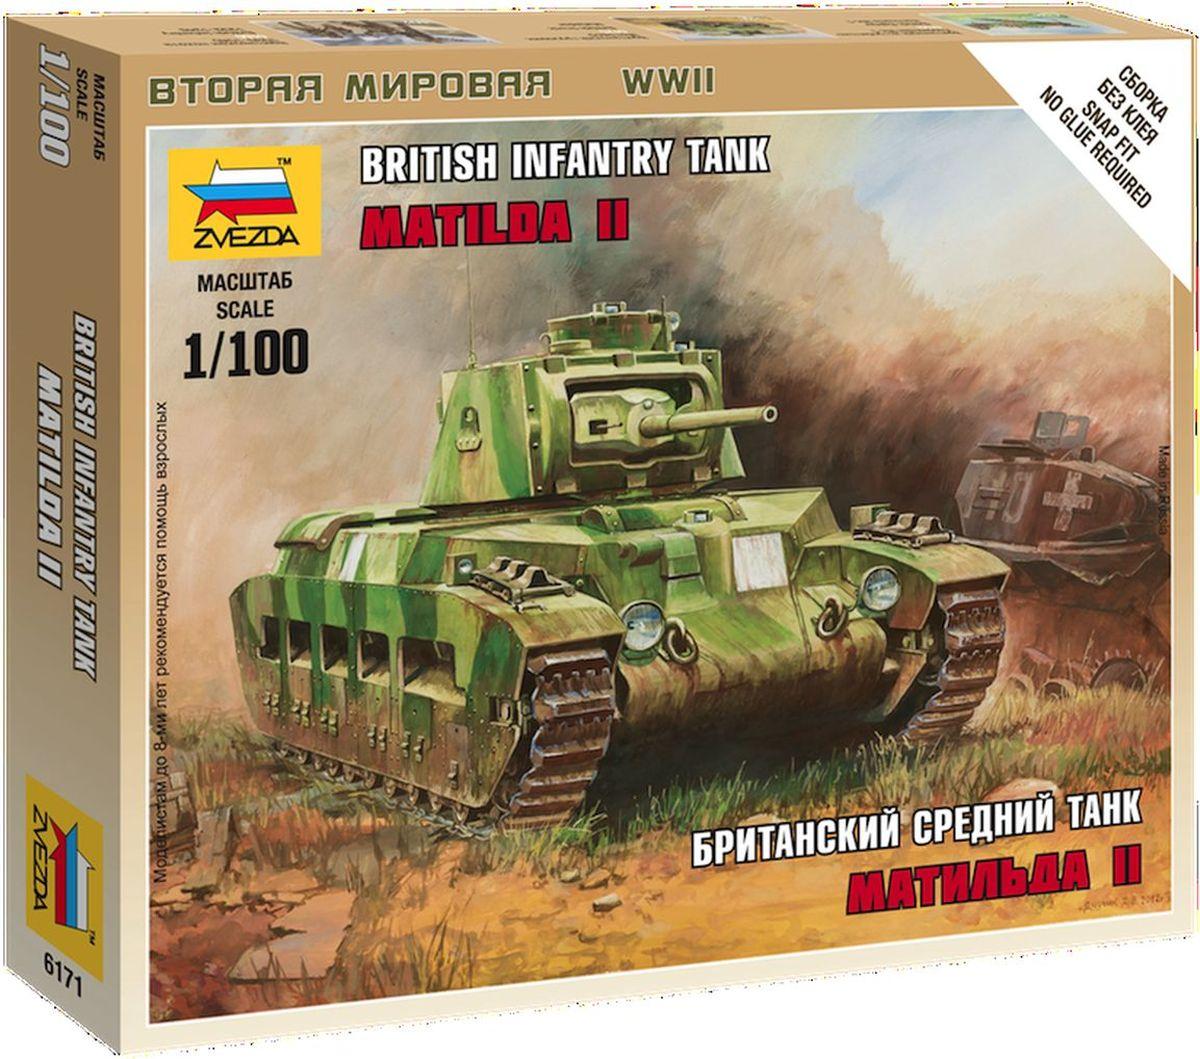 Звезда Сборная модель Британский средний танк Матильда II